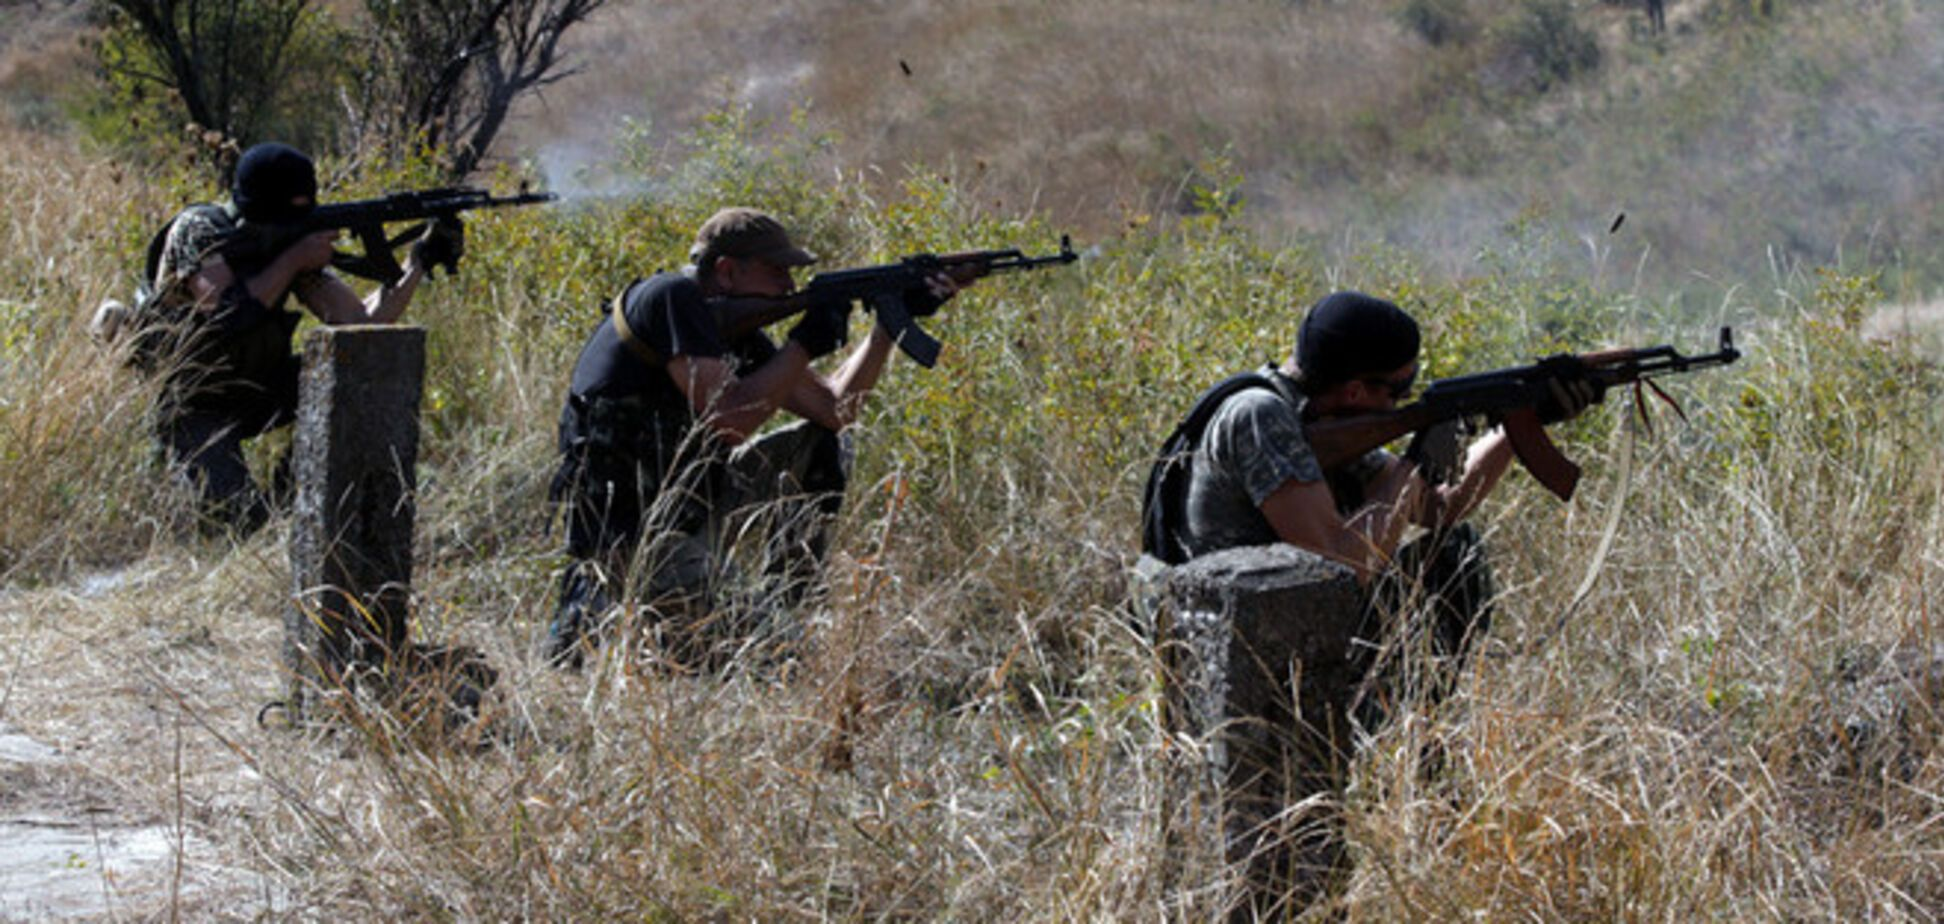 Российские войска готовят масштабное наступление сразу по двум направлениям - Тымчук